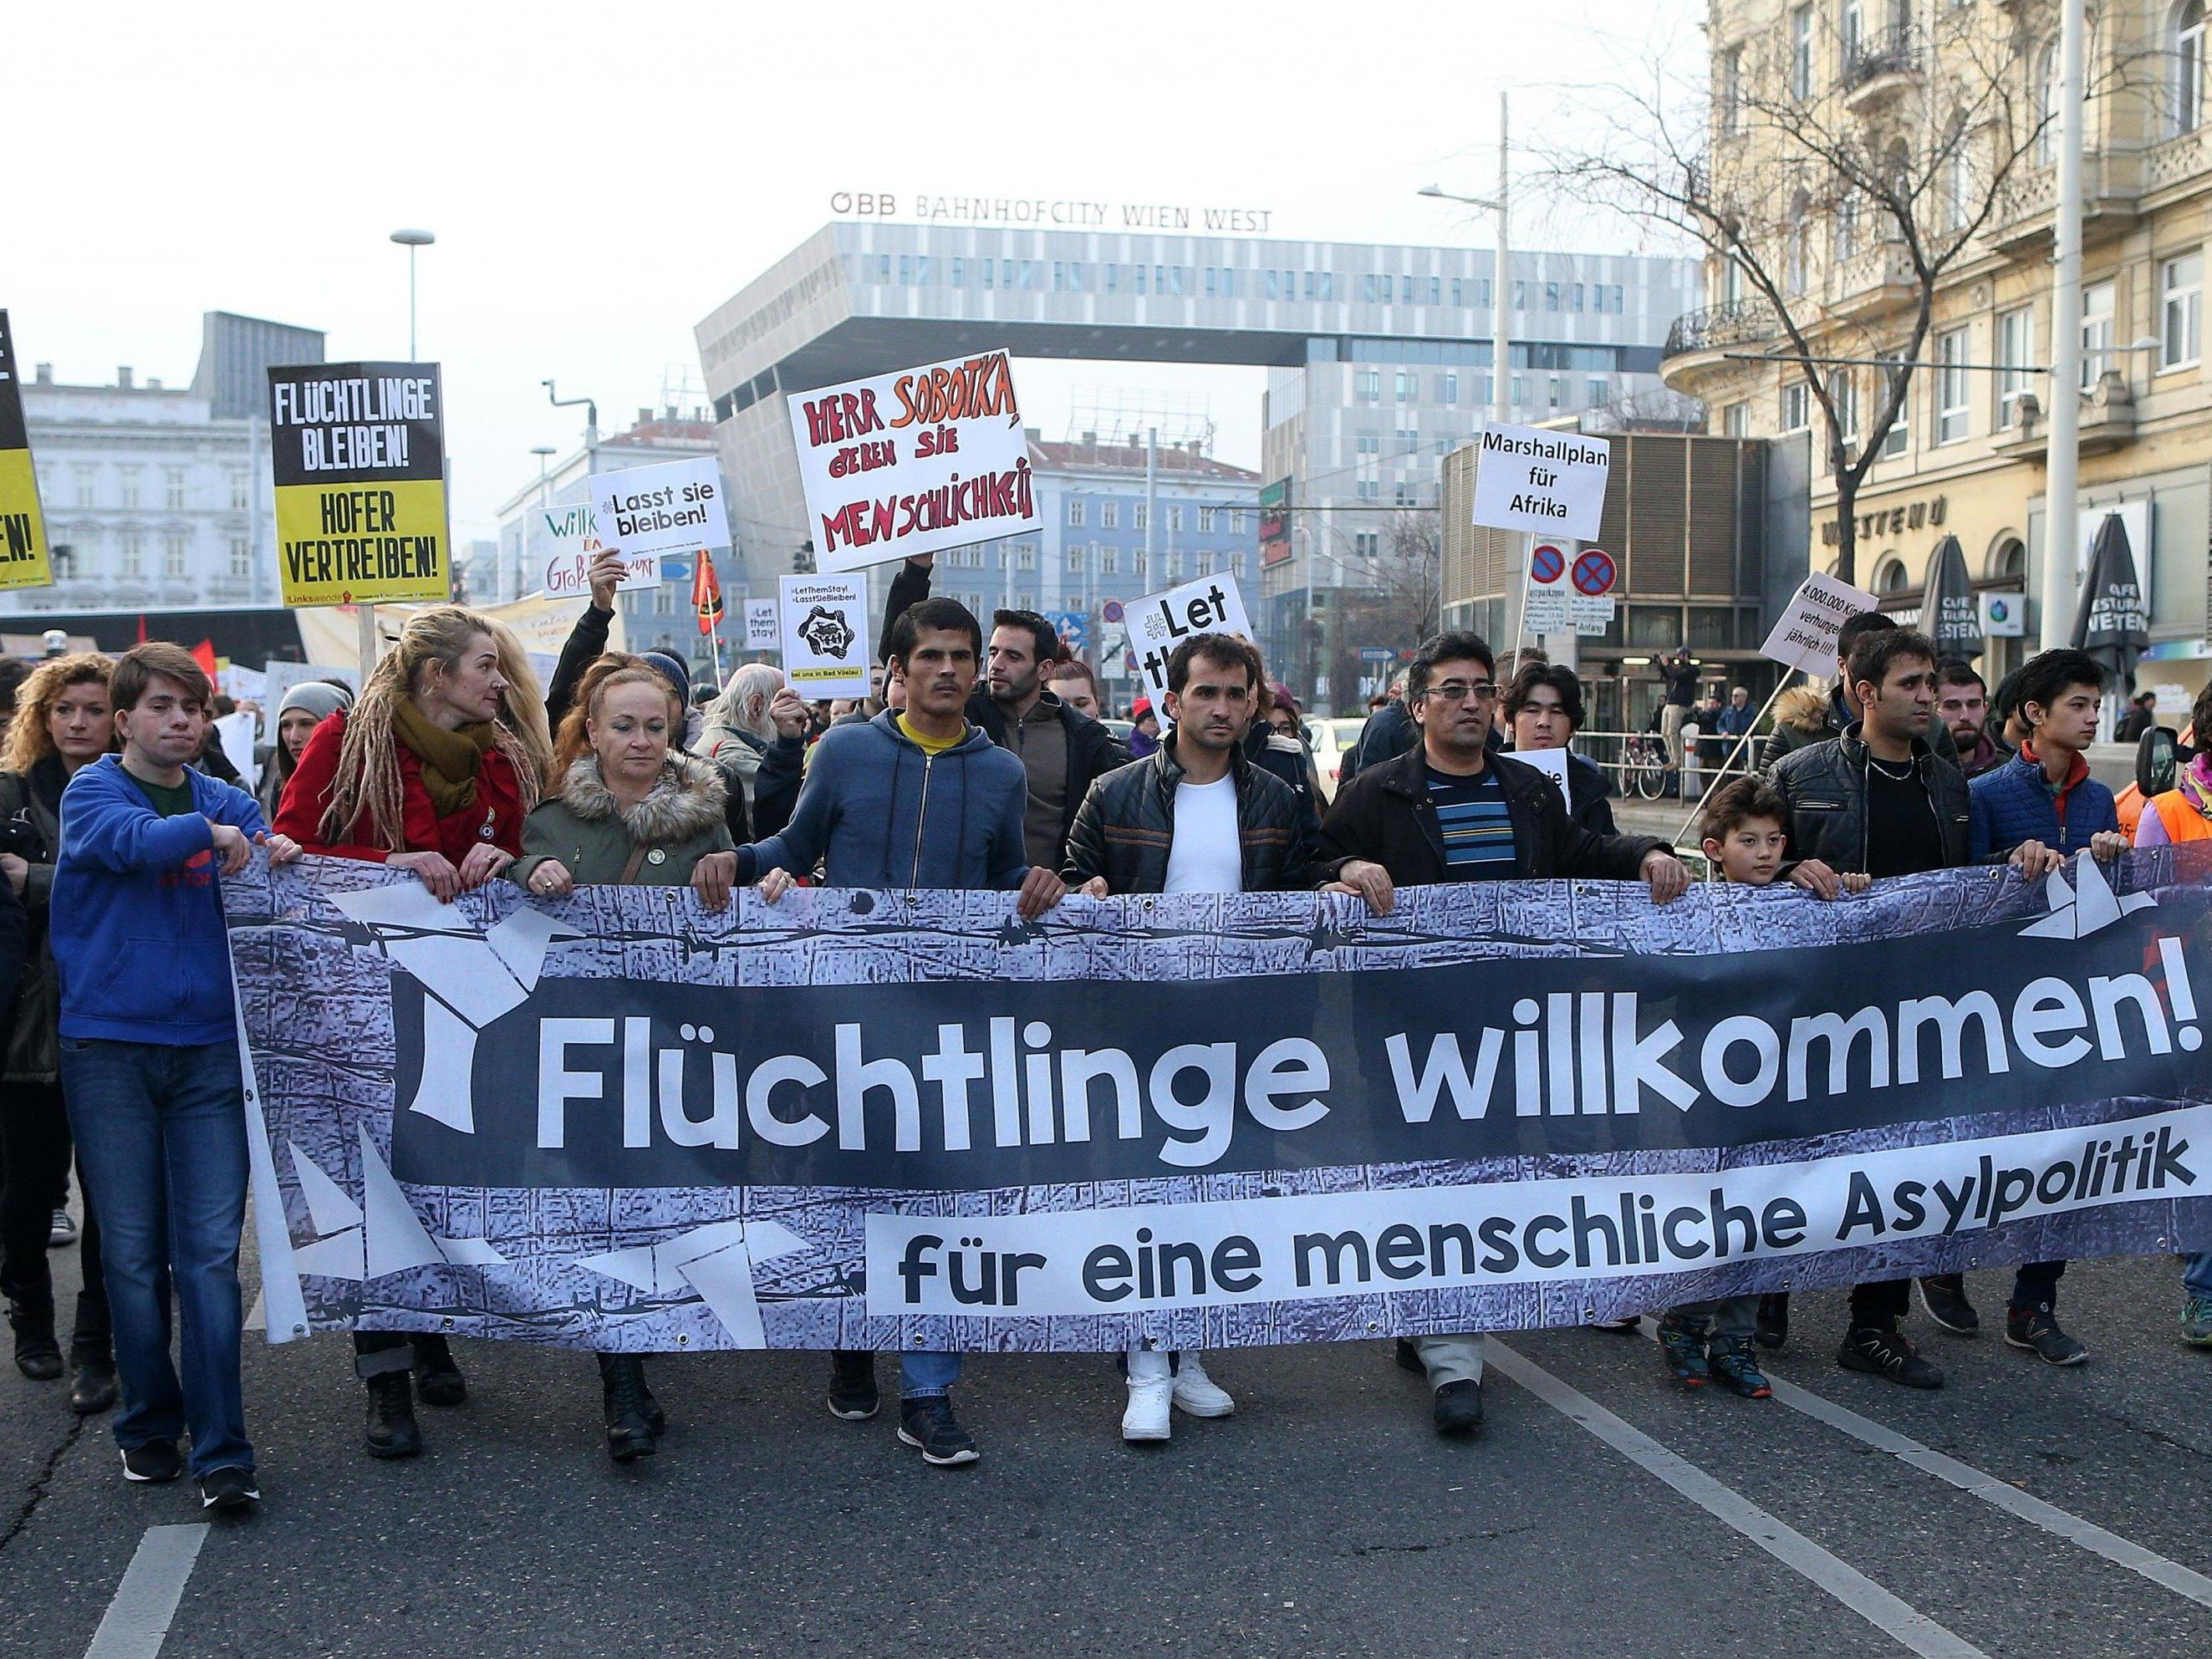 Am ersten Adventssamstag findet eine Demo gegen Abschiebung in Wien statt